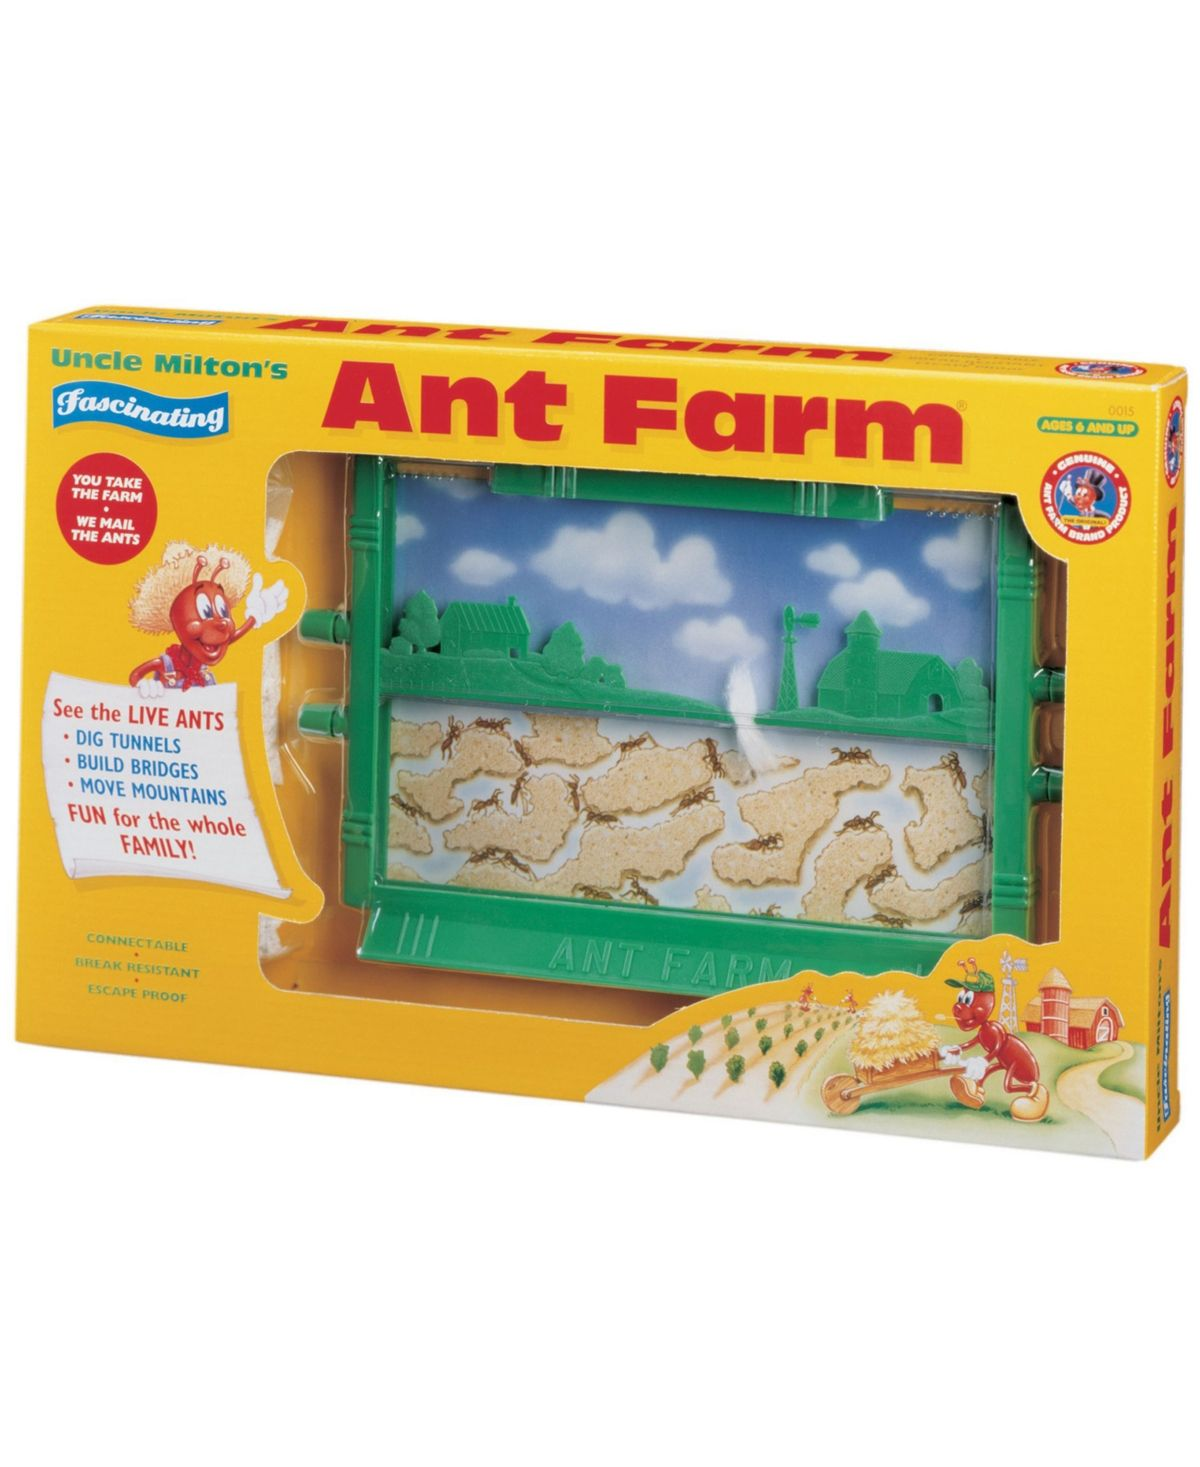 Uncle Milton Ant Farm Live Ant Habitat Vintage